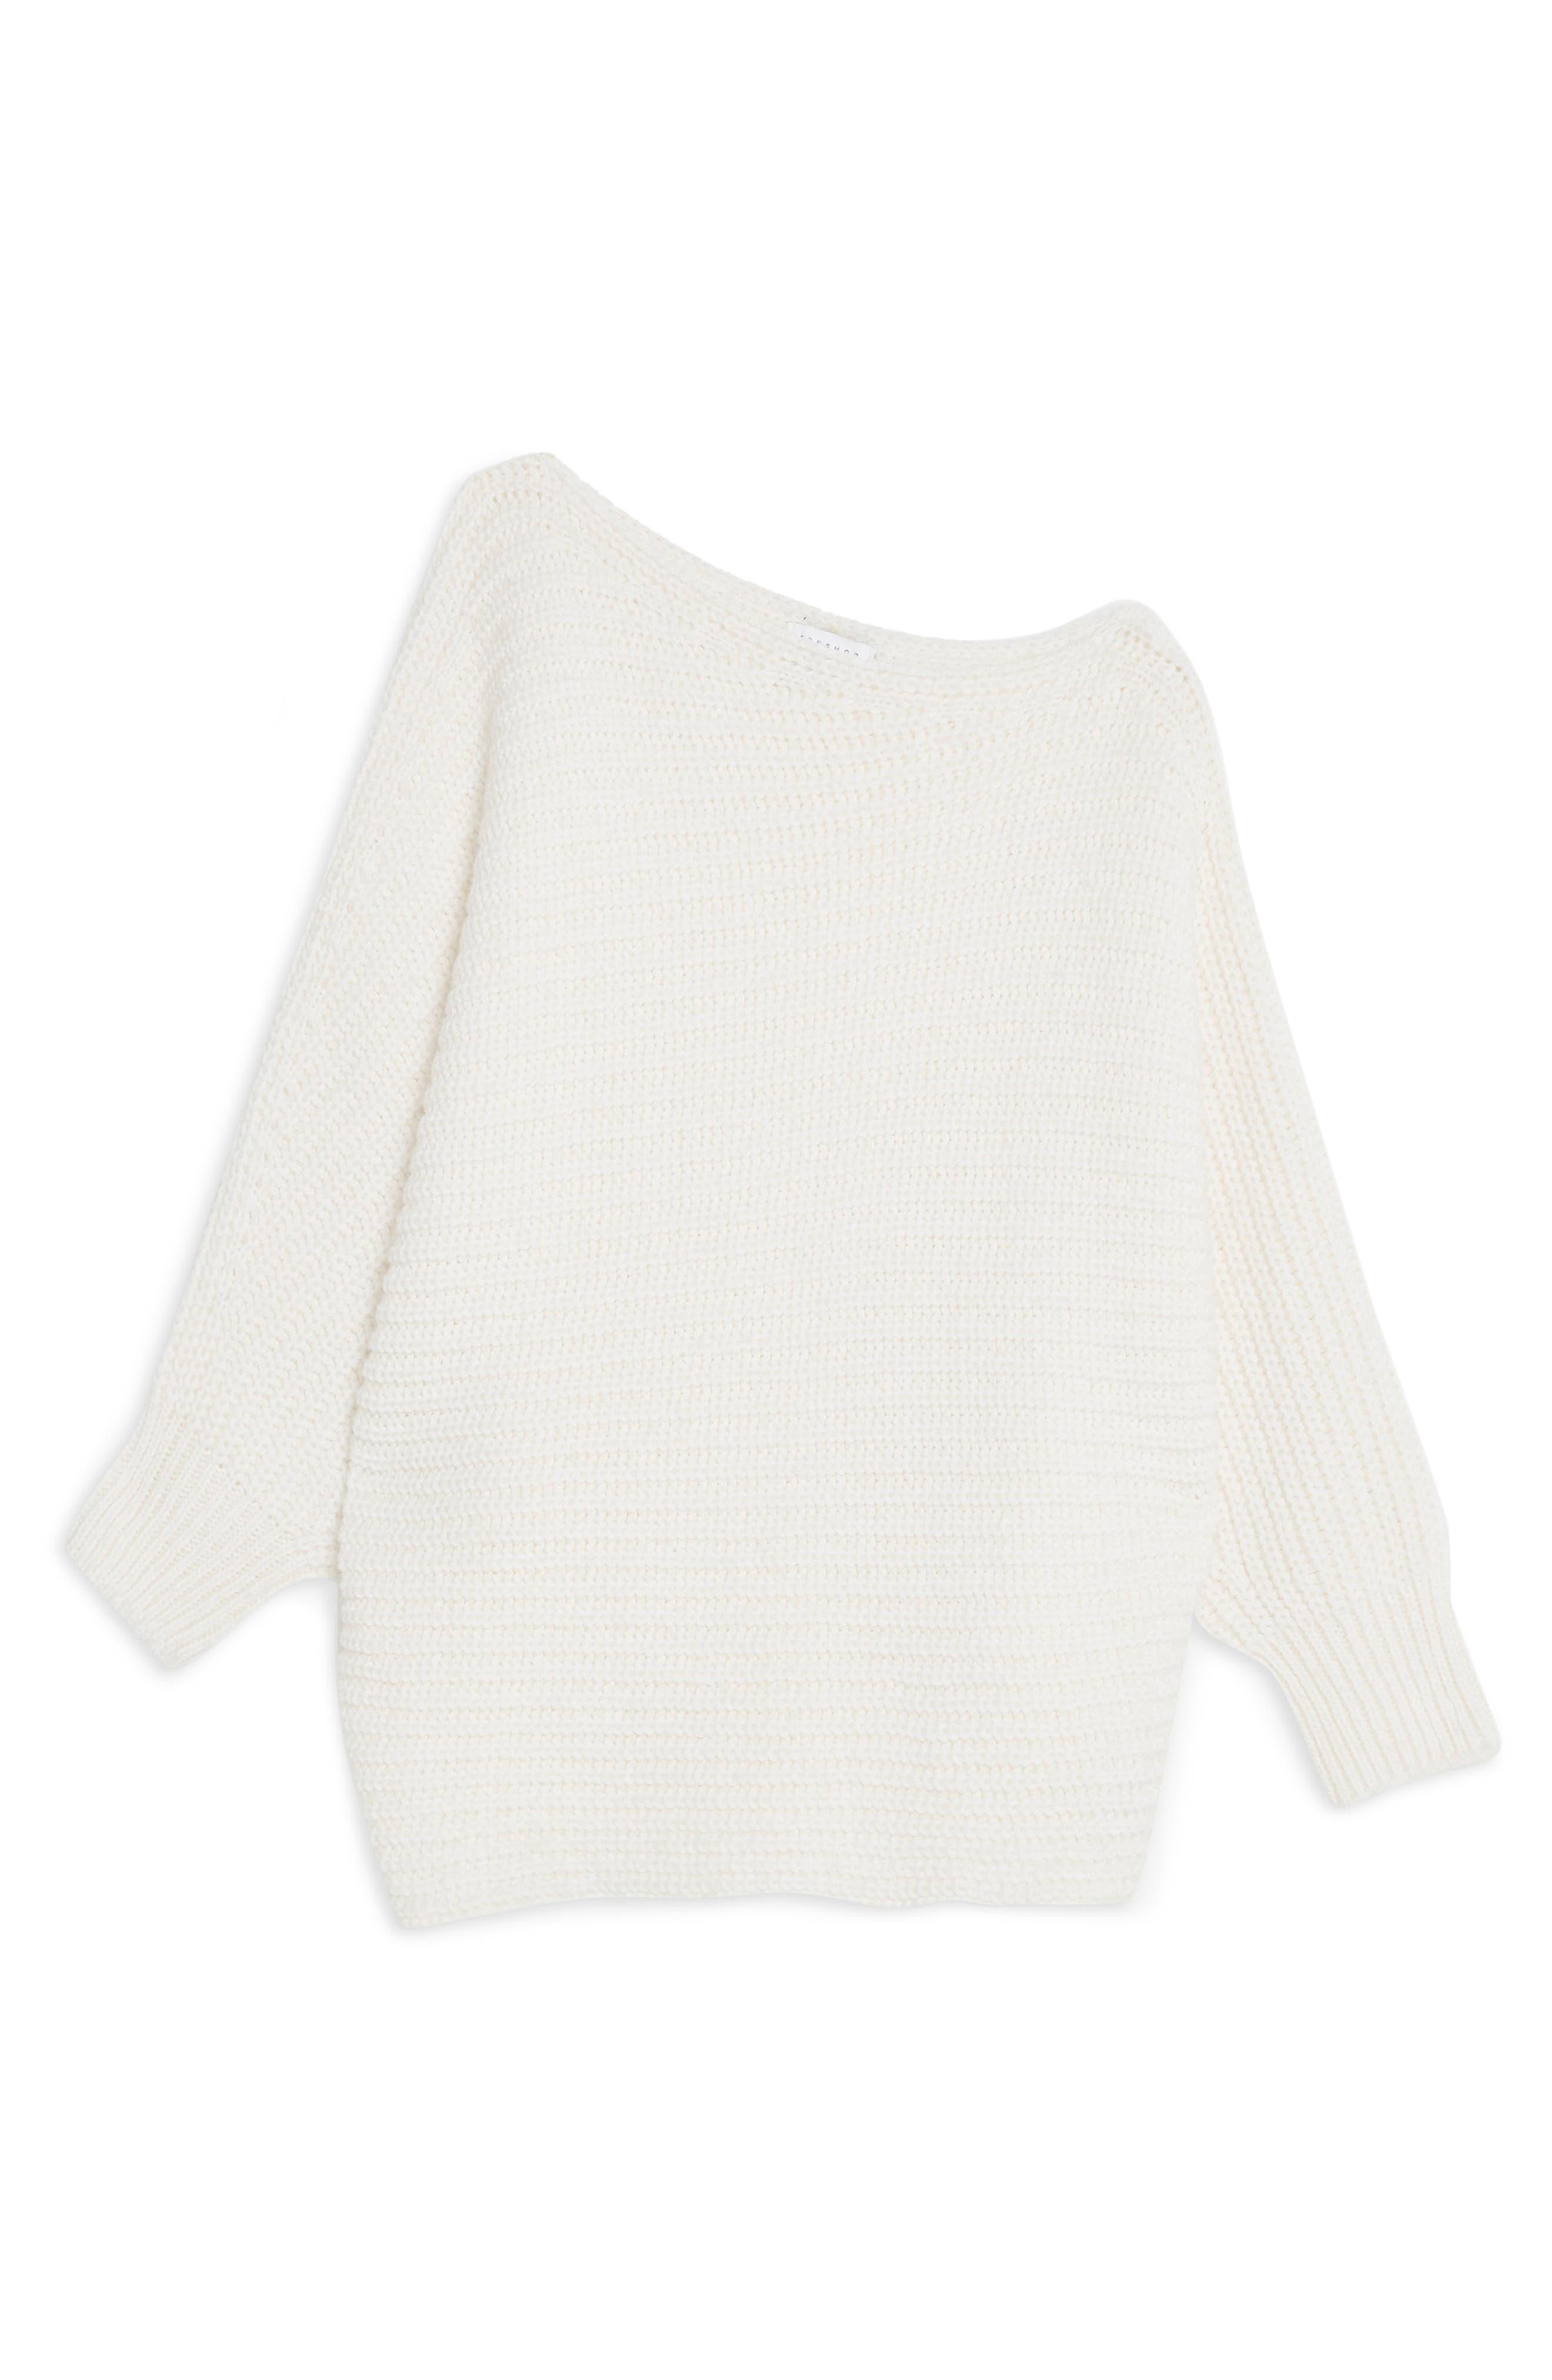 TOPSHOP, Drape Tunic Sweater, Alternate thumbnail 3, color, IVORY